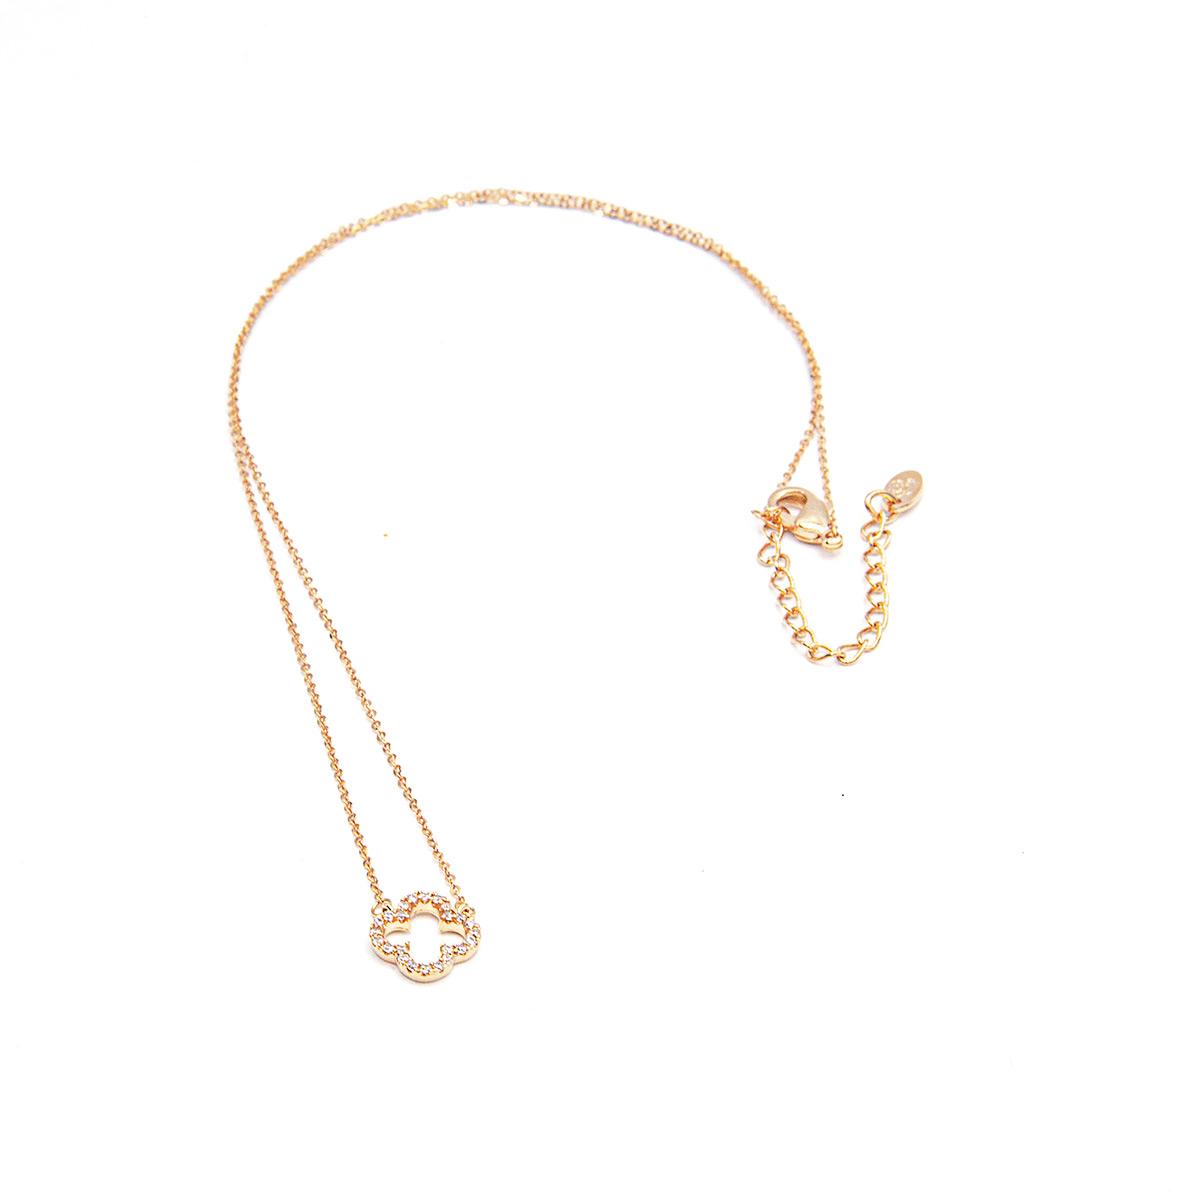 Halskette kurz Kleeblatt klein mit Zirkonia Steinen rosé vergoldet